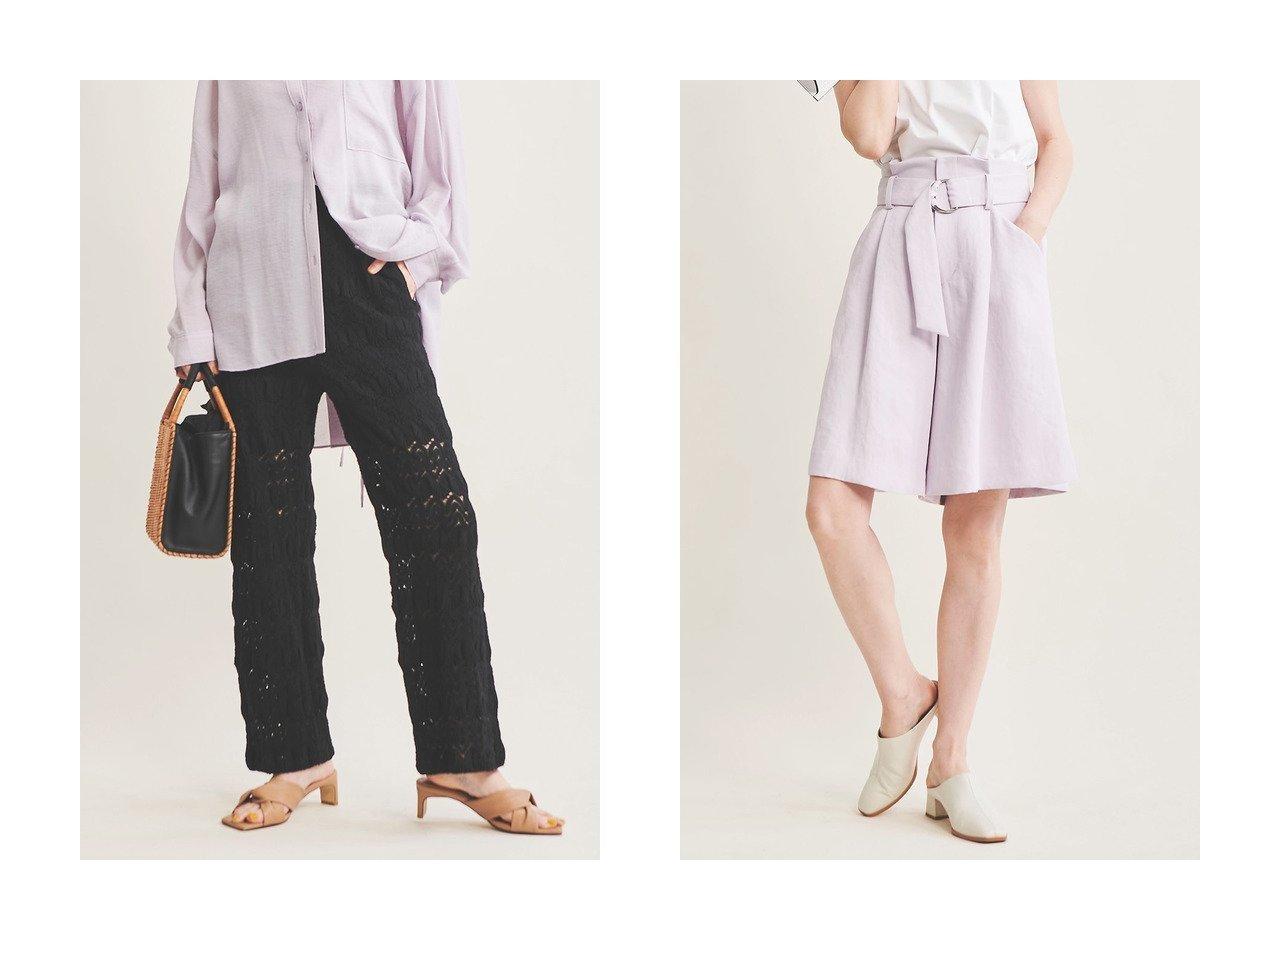 【The Virgnia/ザ ヴァージニア】のバルファスレースパンツ&カラーショートパンツ パンツのおすすめ!人気、トレンド・レディースファッションの通販 おすすめで人気の流行・トレンド、ファッションの通販商品 メンズファッション・キッズファッション・インテリア・家具・レディースファッション・服の通販 founy(ファニー) https://founy.com/ ファッション Fashion レディースファッション WOMEN パンツ Pants ハーフ / ショートパンツ Short Pants 2021年 2021 2021 春夏 S/S SS Spring/Summer 2021 S/S 春夏 SS Spring/Summer ショート ジャケット セットアップ フレア 春 Spring  ID:crp329100000025286